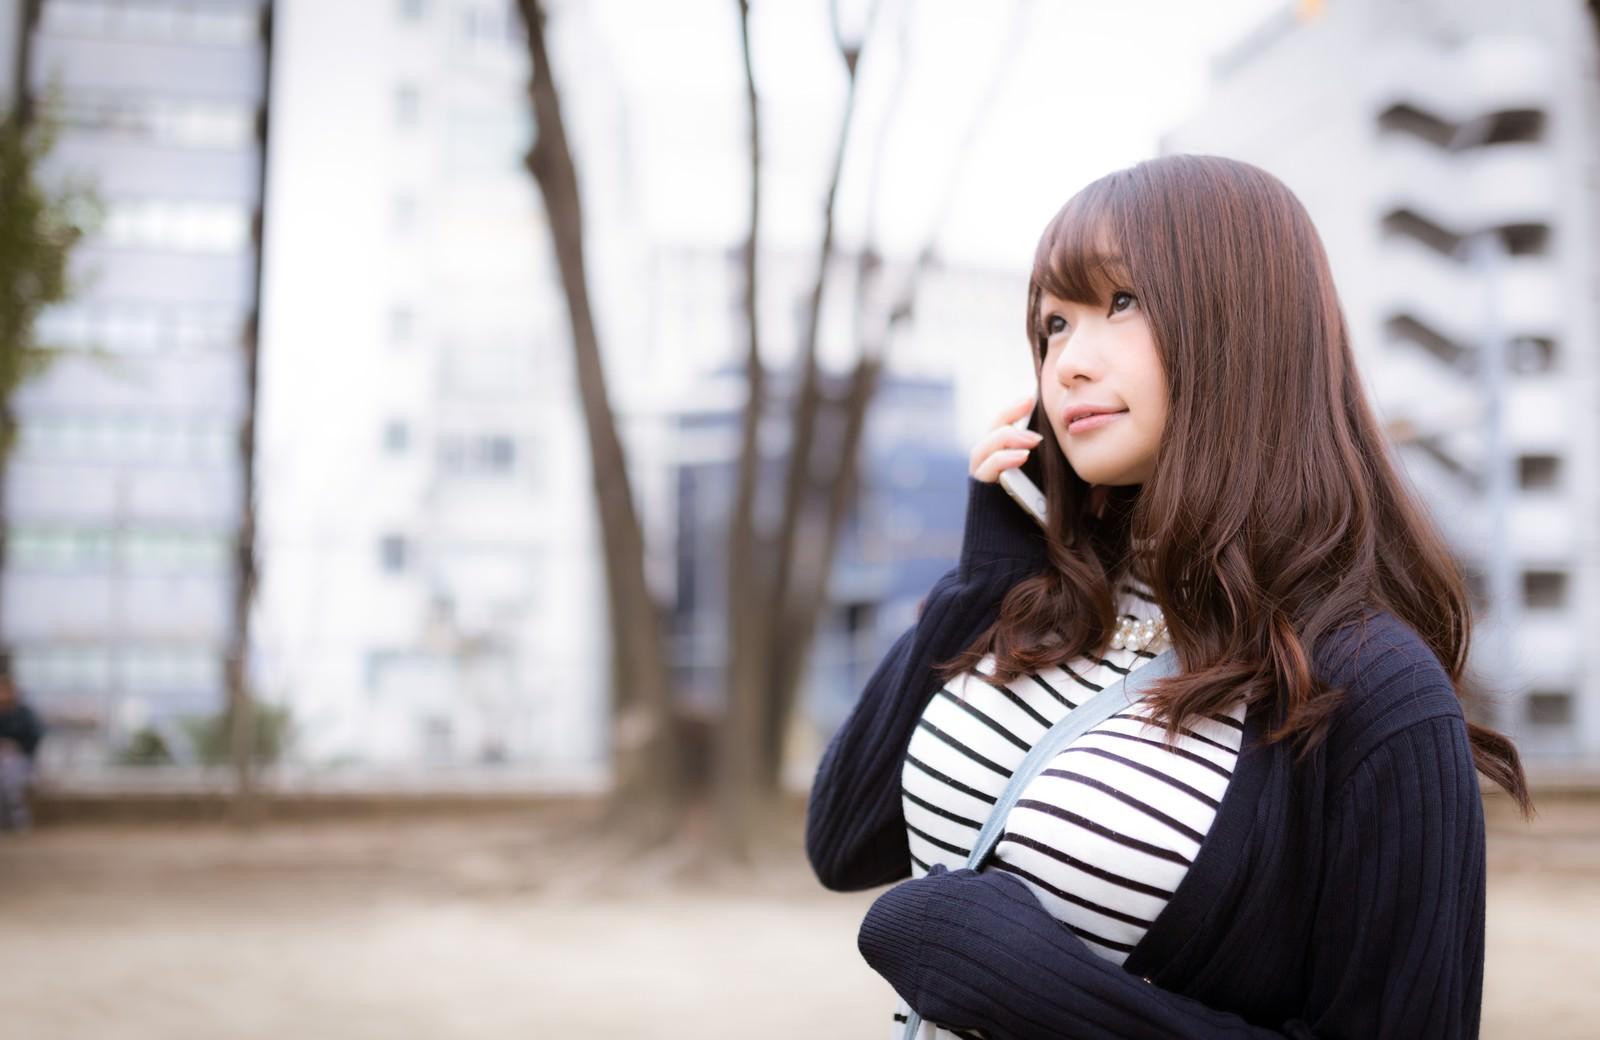 「午後の天気を気にするお散歩女子」の写真[モデル:茜さや]